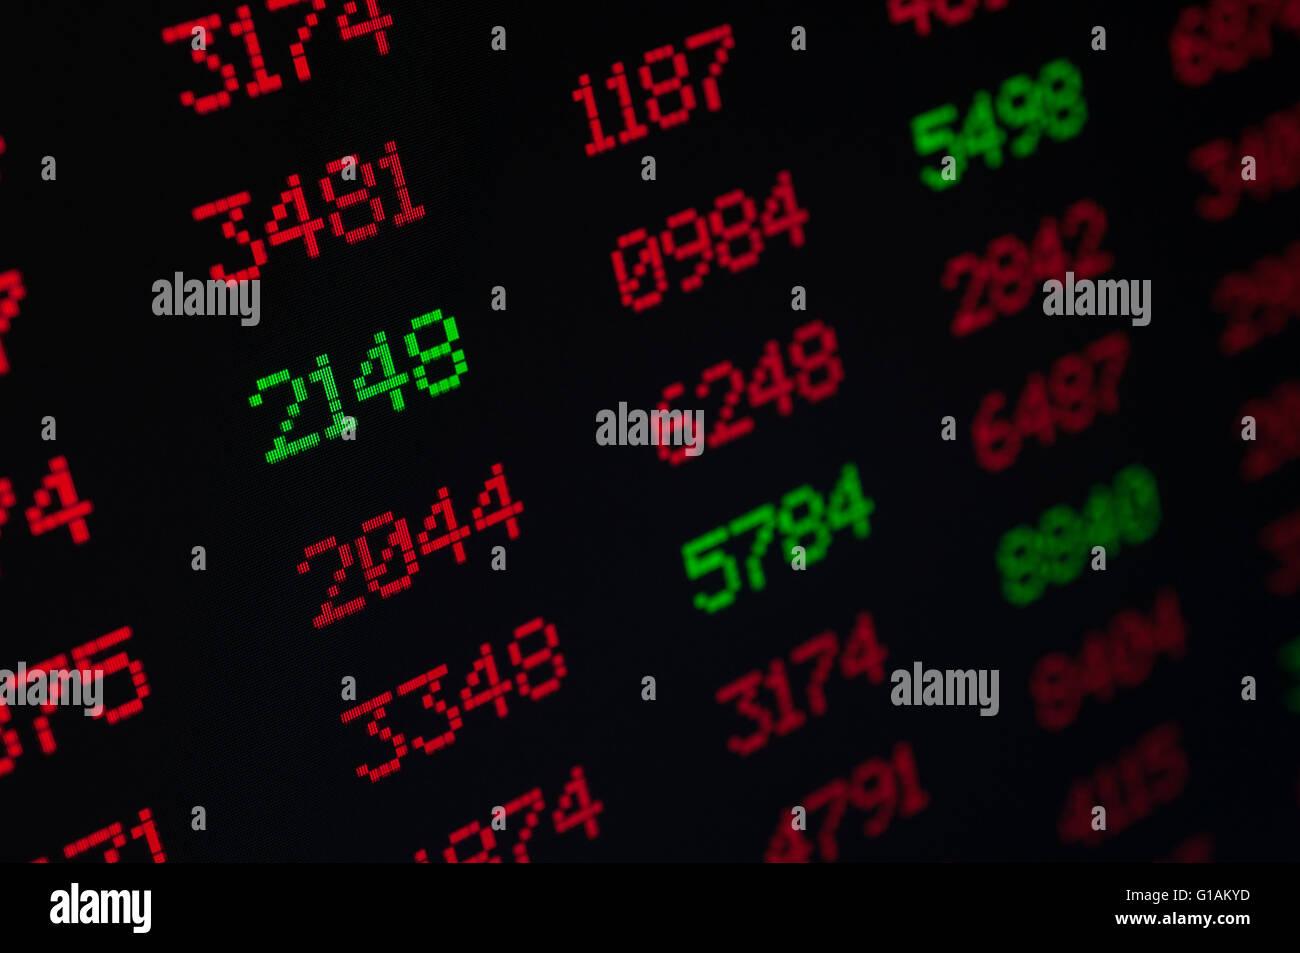 Börse - digitale Anzeige mit roten und grünen Figuren - geringe Schärfentiefe Stockbild